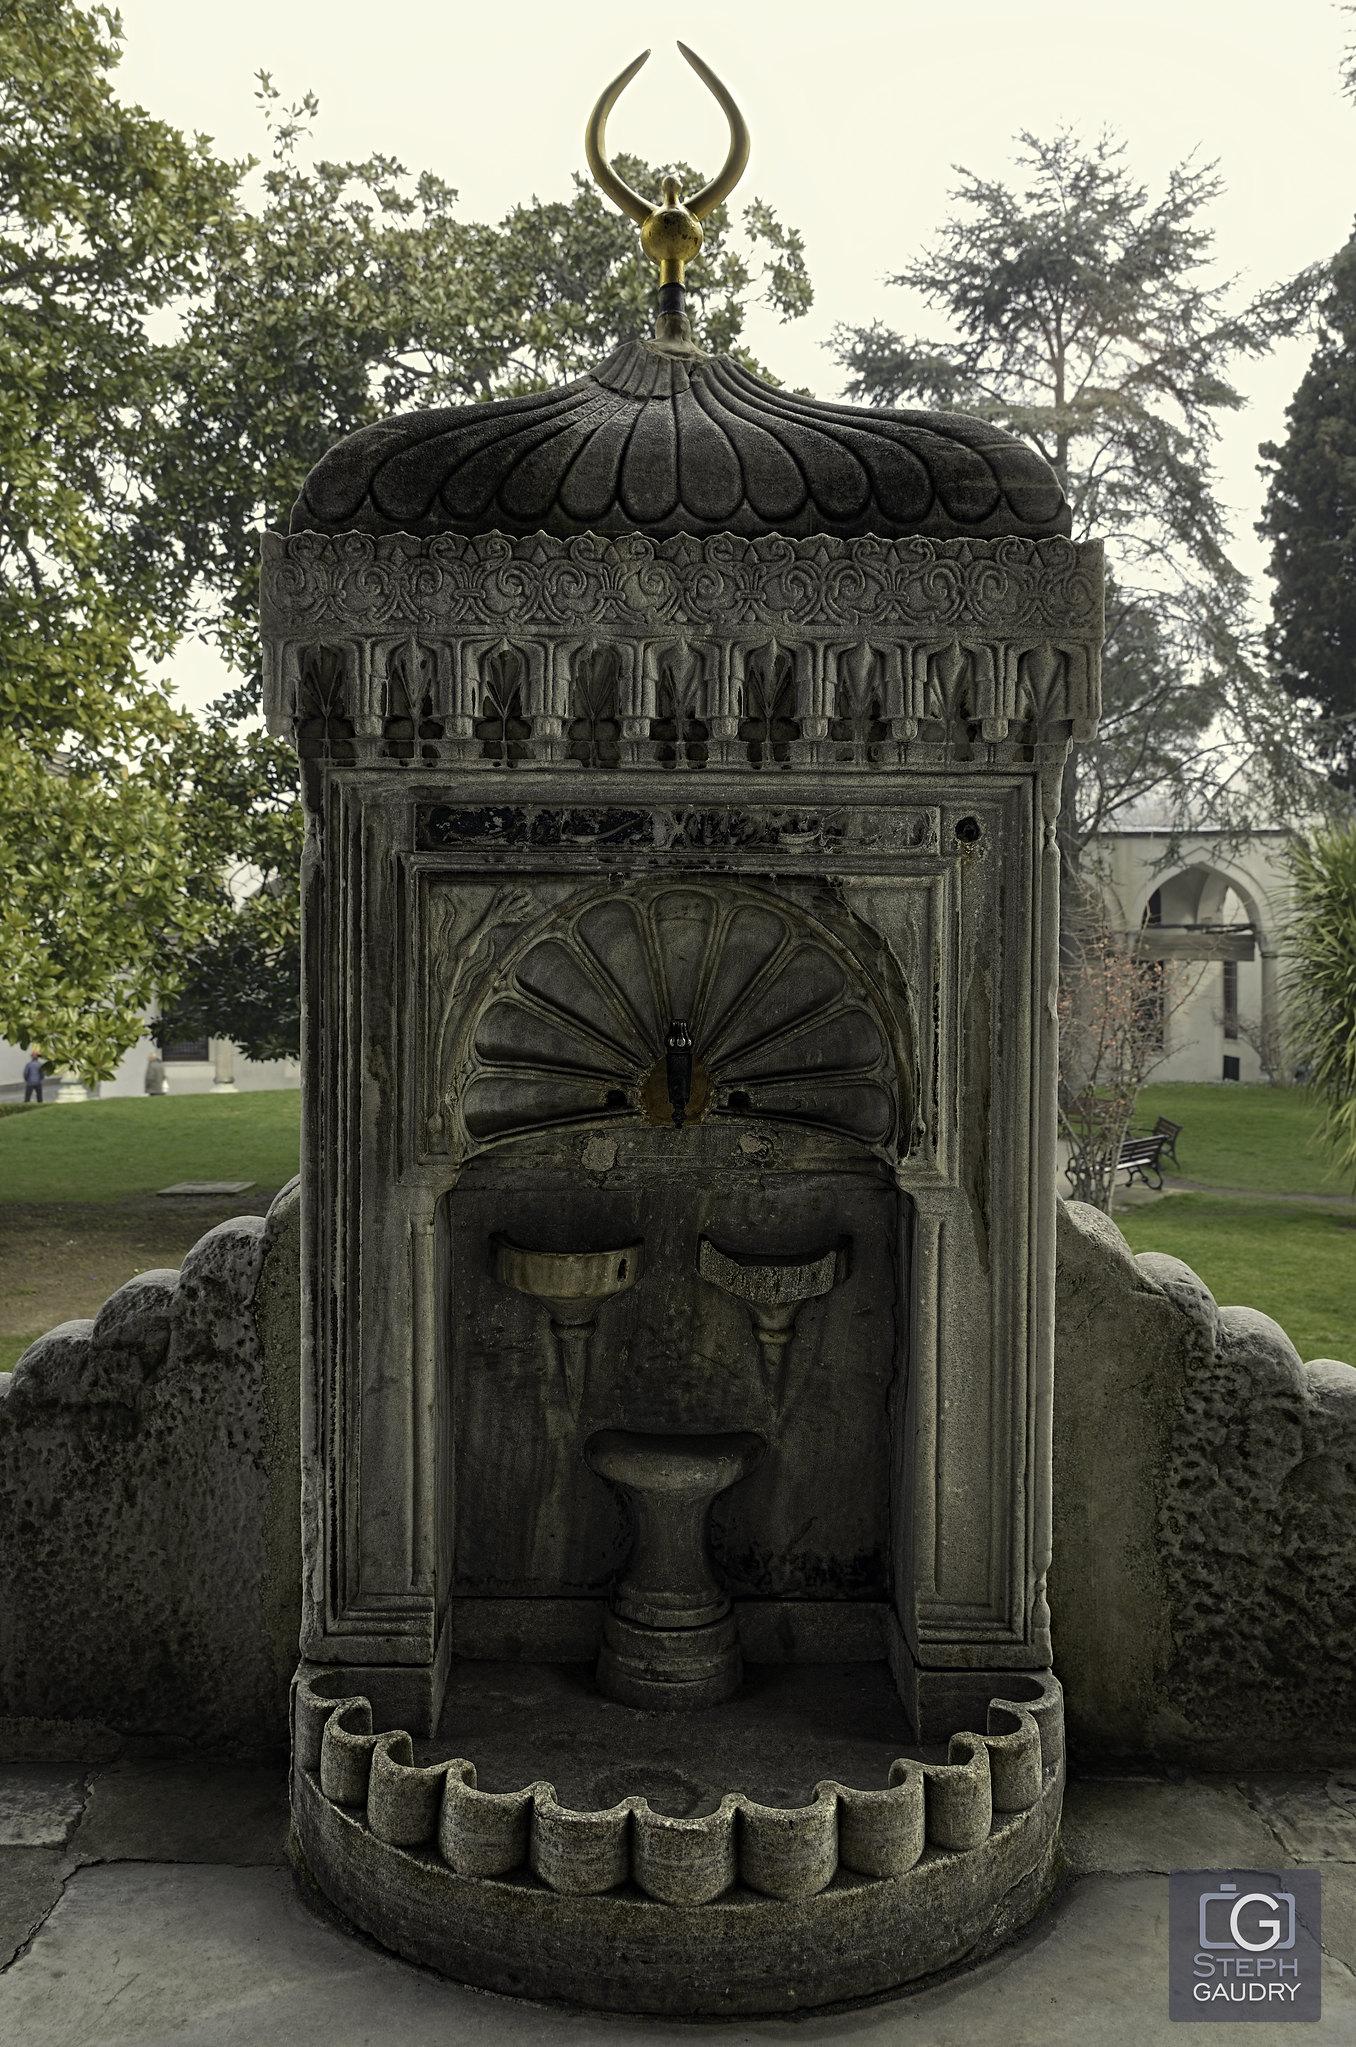 Fontaine dans le palais de Topkapi [Click to start slideshow]